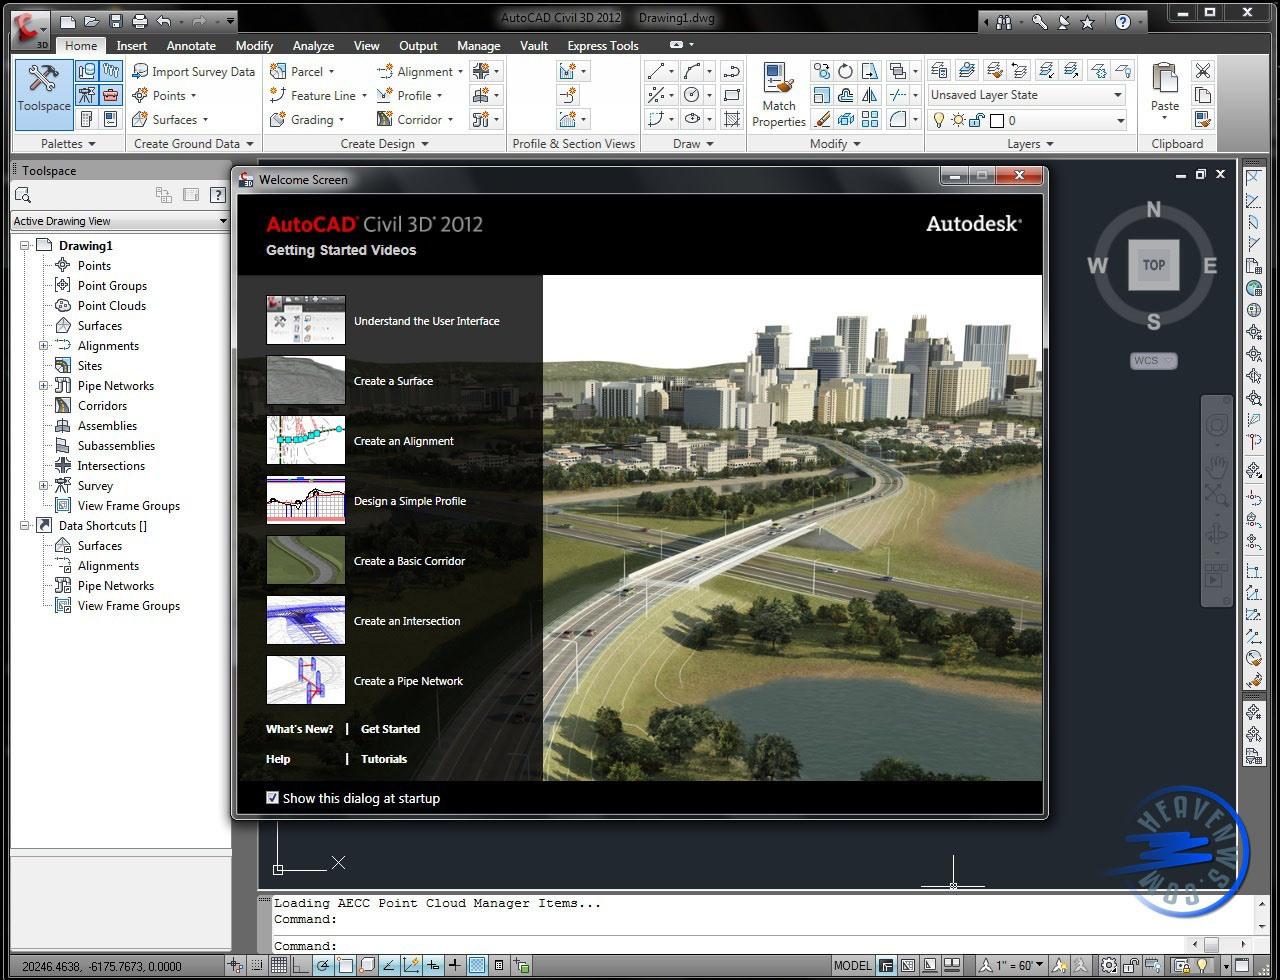 golek ilmu free download software full crack autodesk autocad civil 3d 2012 keygen. Black Bedroom Furniture Sets. Home Design Ideas